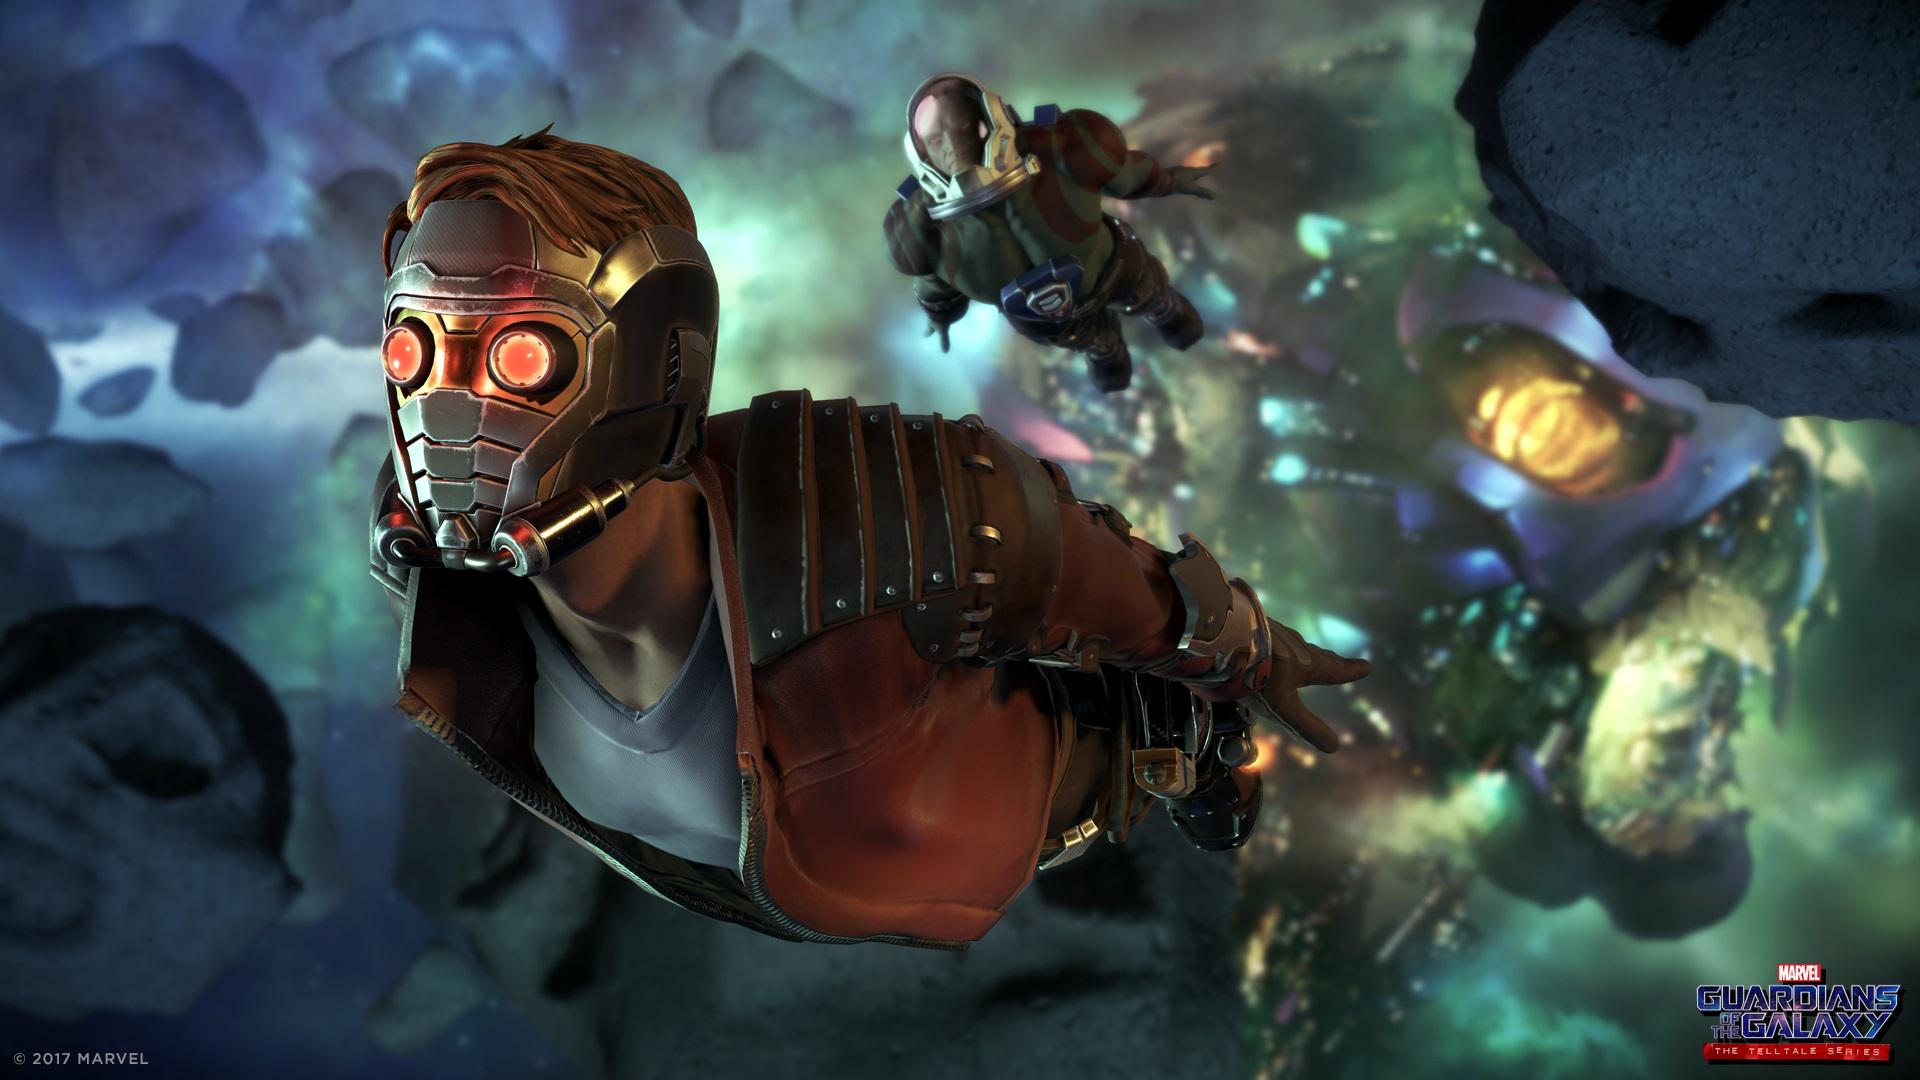 James Gunn écrira et réalisera Les Gardiens de la Galaxie Vol. 3